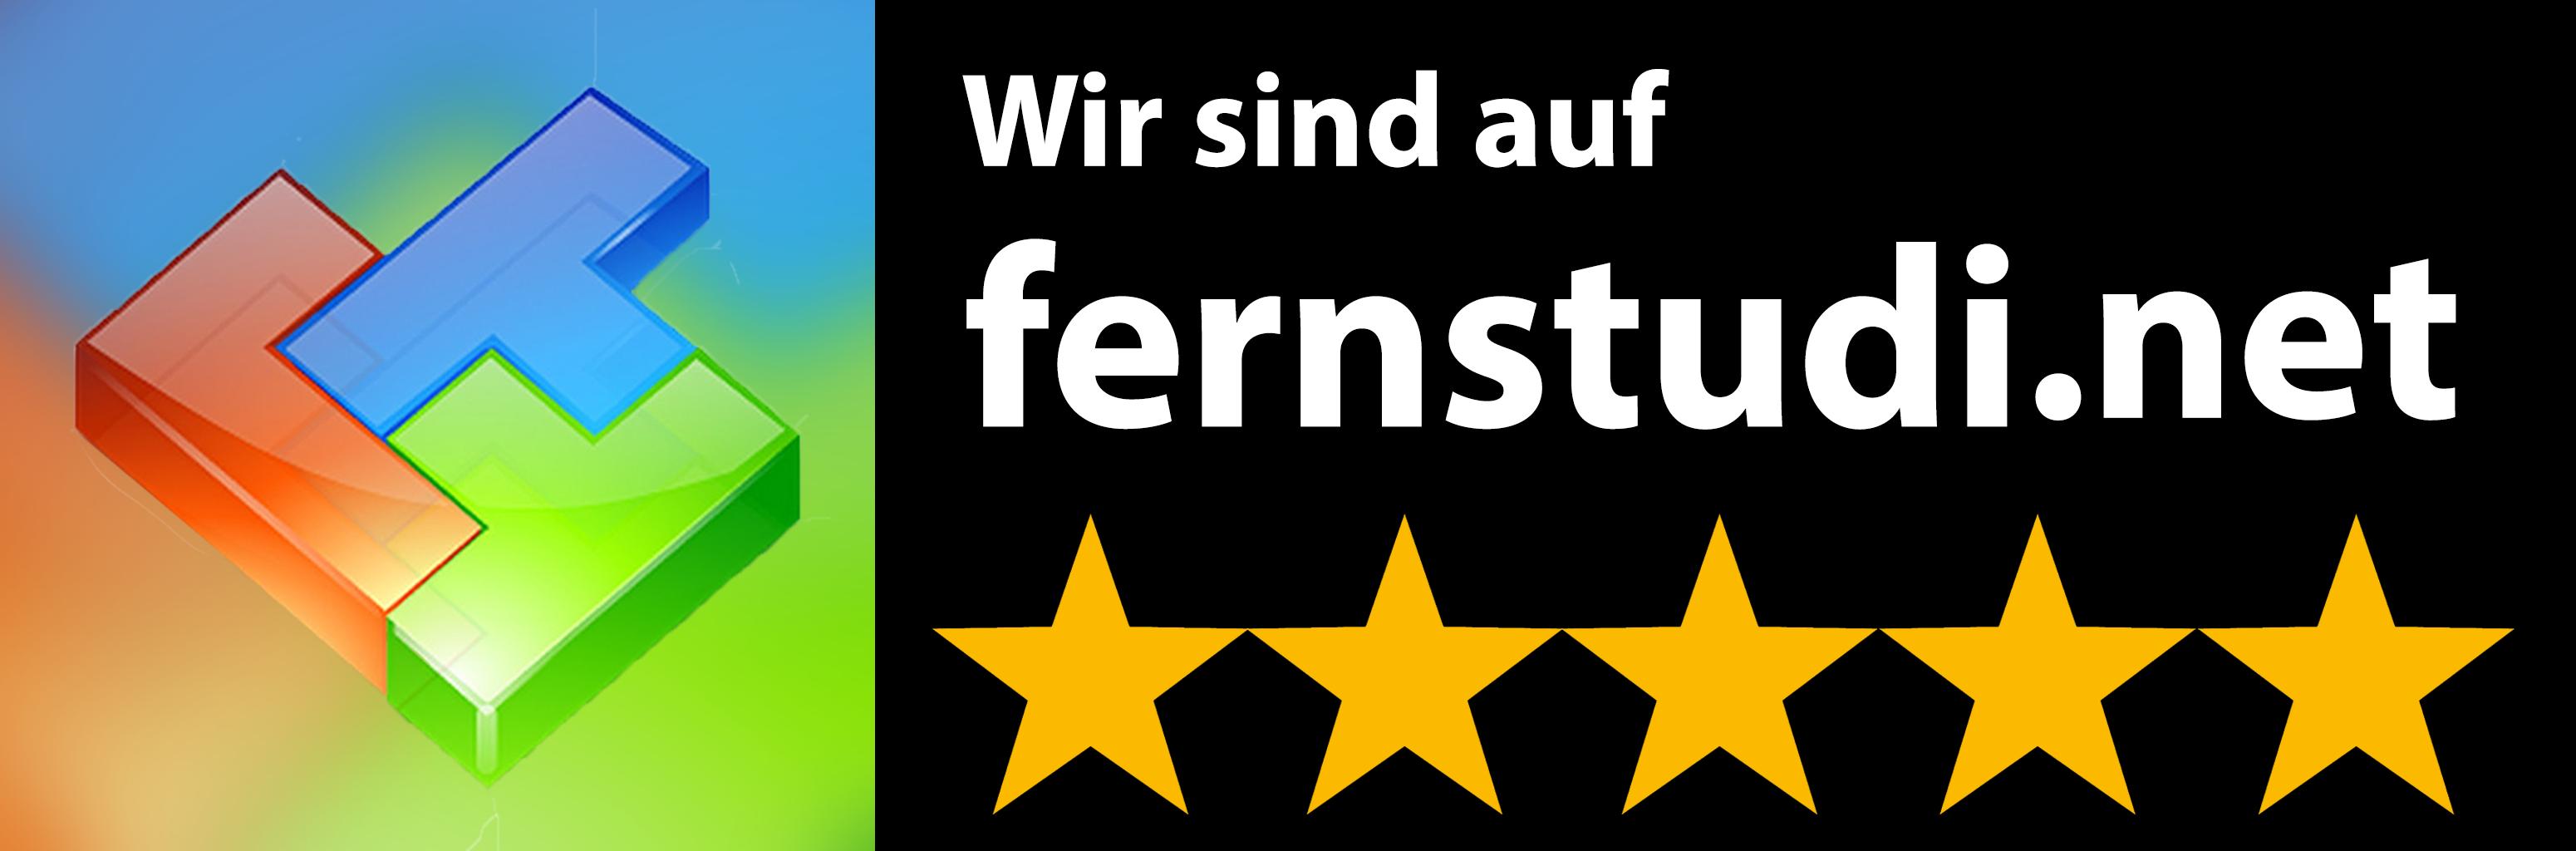 Logo fernstudi.net - Deutsches Ferninstitut für Bildung, Pädagogik und Sozialmanagement GmbH